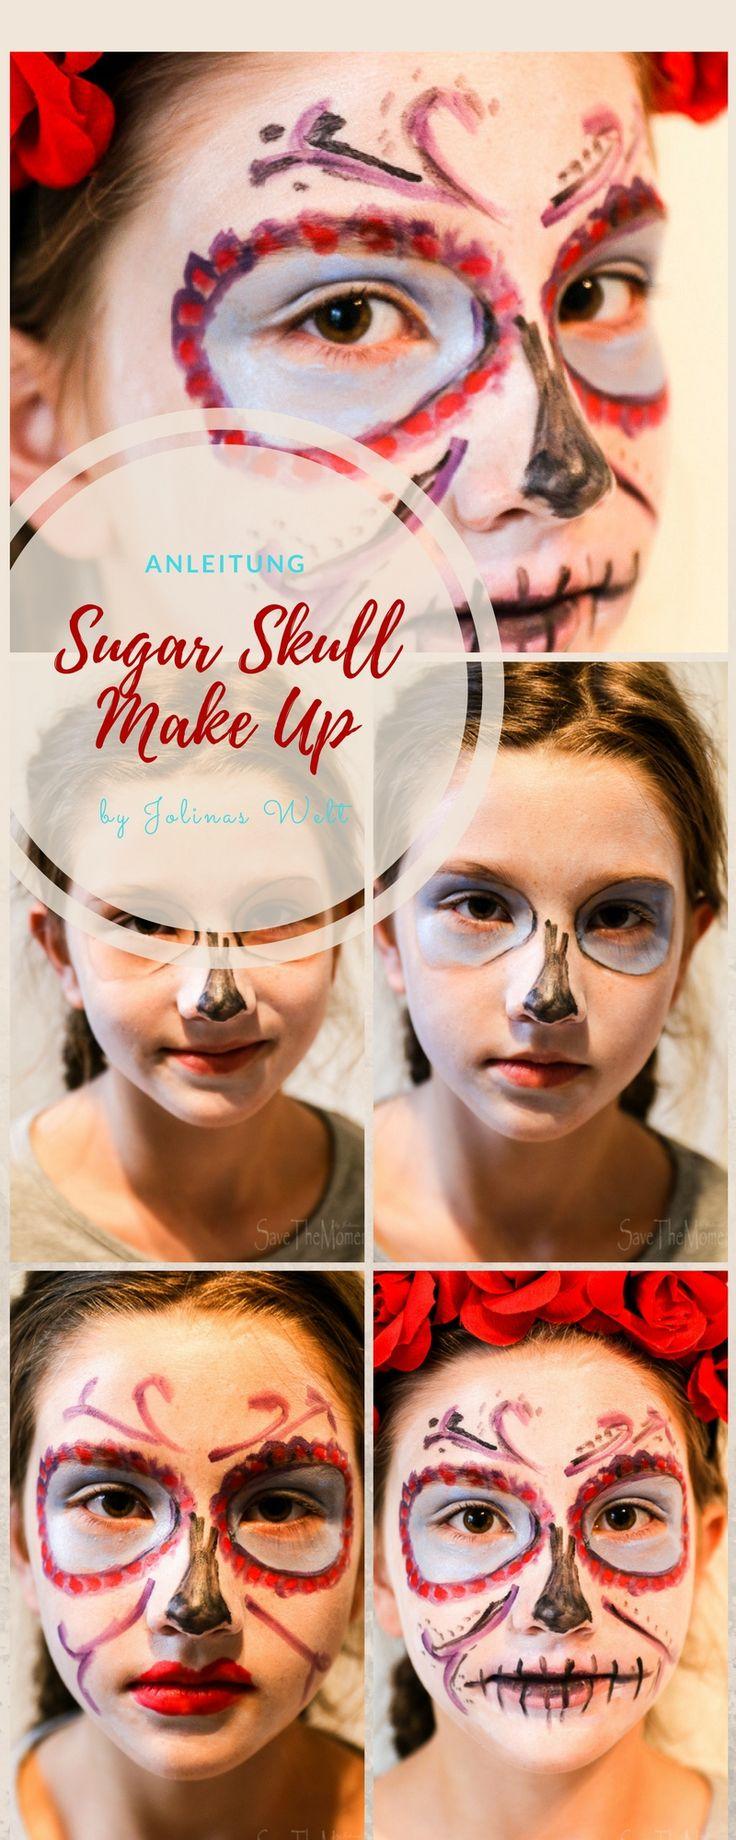 Anleitung für ein Sugar Skull Make up als Halloween Verkleidung - Halloween Schminke, der Zucker Totenkopf kommt aus Mexiko vom Dia de Muertos. Totenkopfschminke